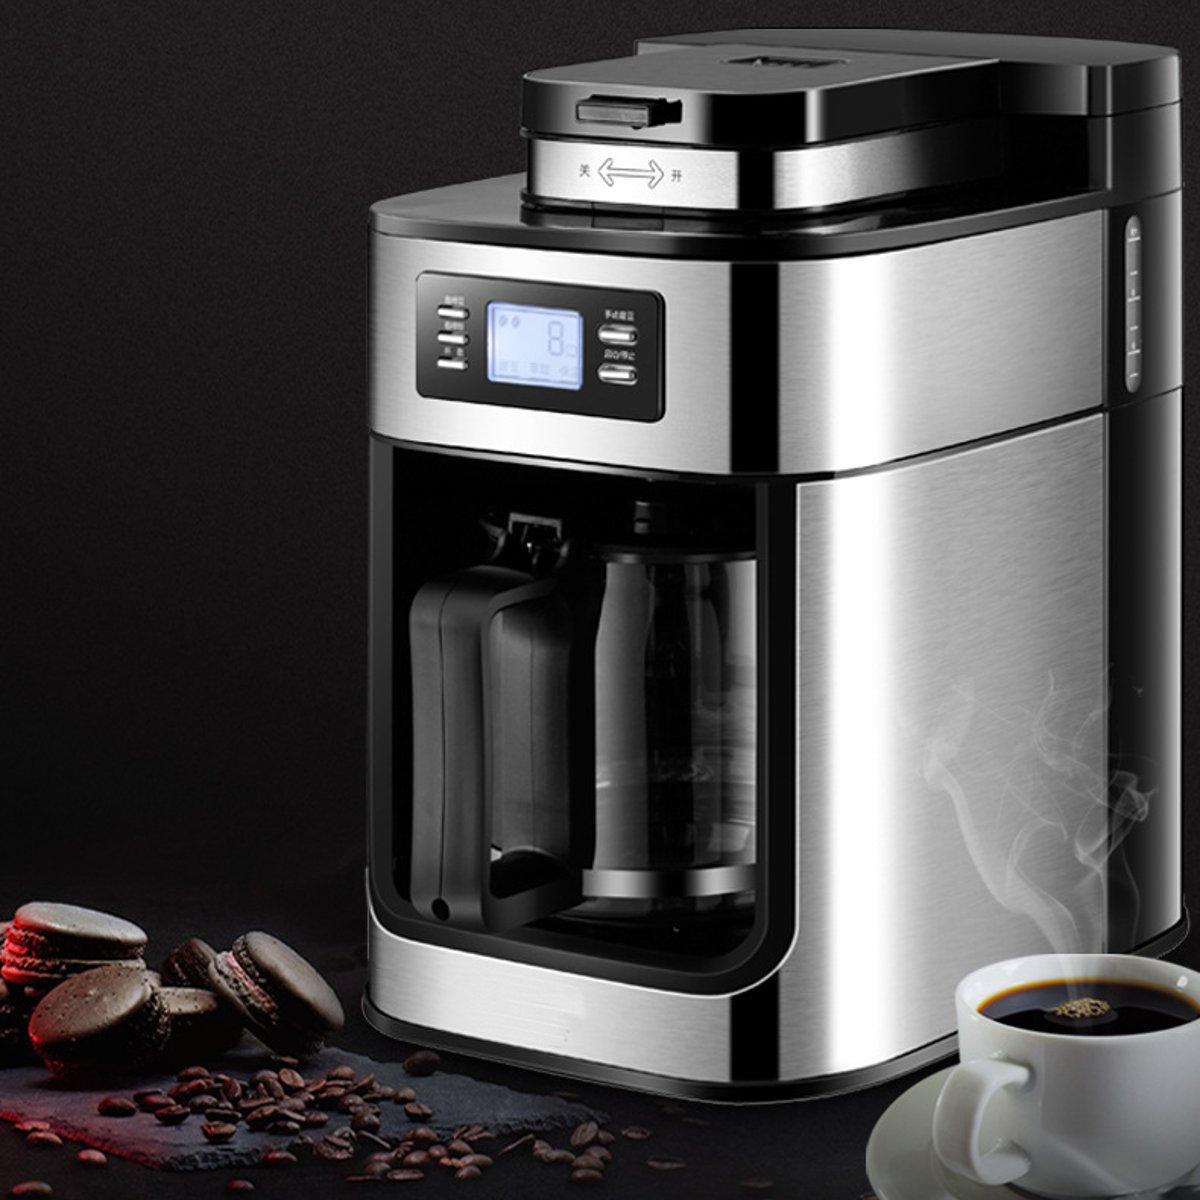 Elétrica Máquina De Café-Casa Totalmente Automático máquina de Café Por Gotejamento 1200ml Pote de Café Chá Home Kitchen Appliance 220V